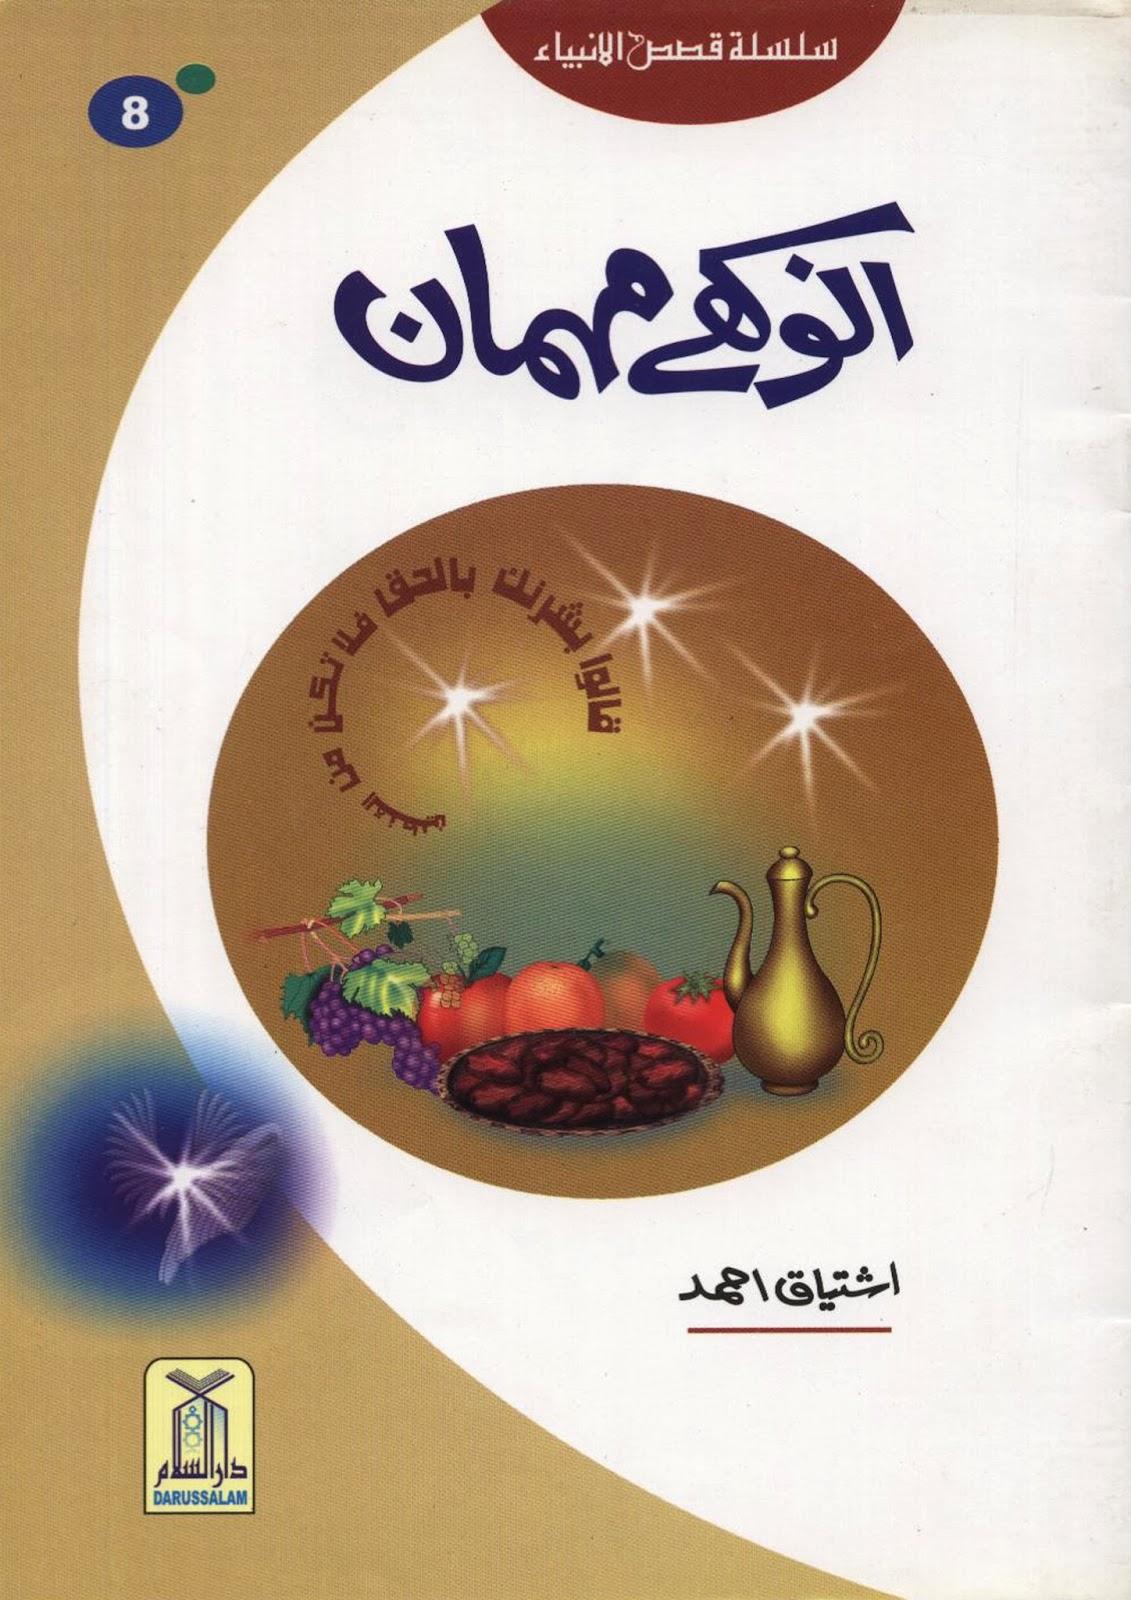 http://urduguru1.blogspot.com/2014/03/anokhy-mahman-prophet-ishaq-as.html